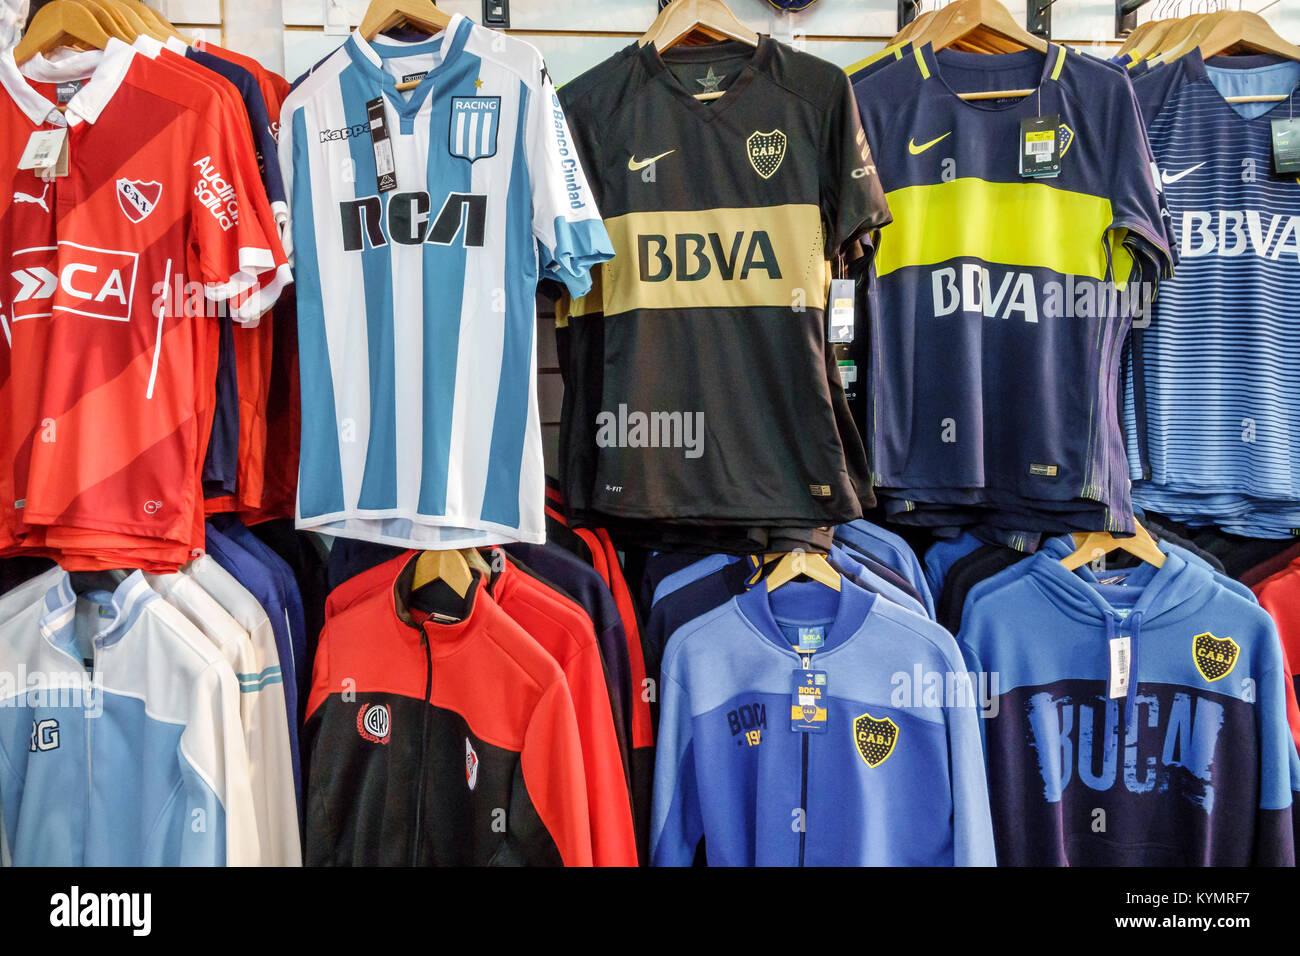 33ebfd8e79a5e Buenos Aires Argentina San Telmo compras de la tienda de ropa atlética  mercancía Deportes Fútbol Club Atlético Boca Juniors argentino Hispano  Argentino ...